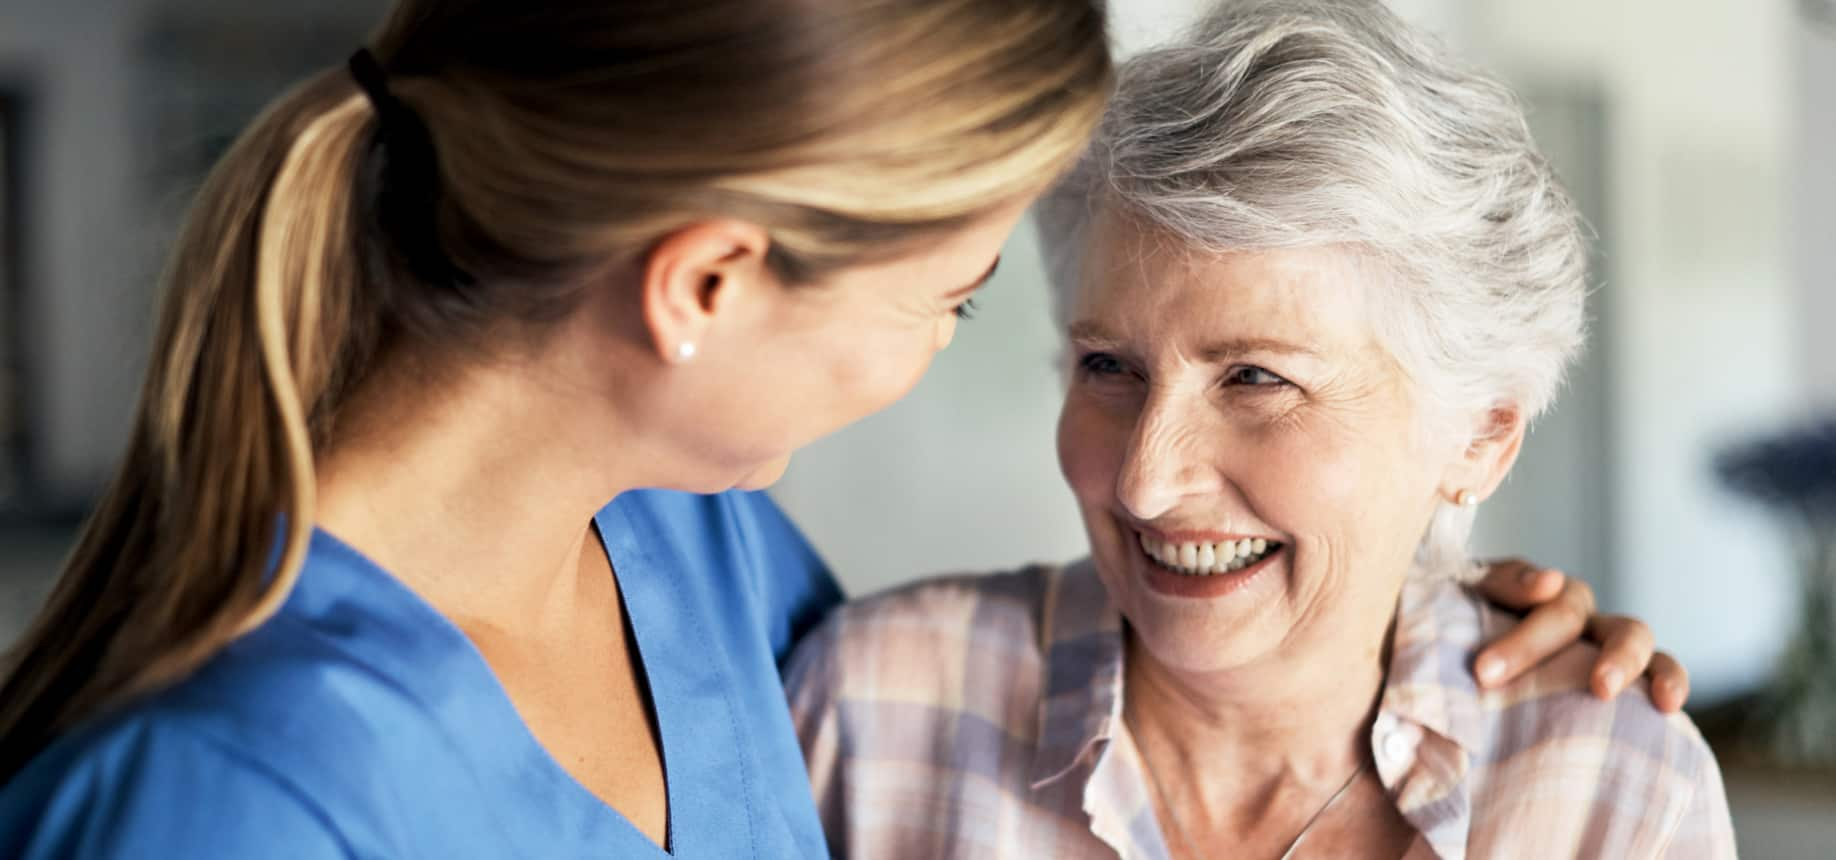 Sentis tumordiagnosztikai vizsgálat